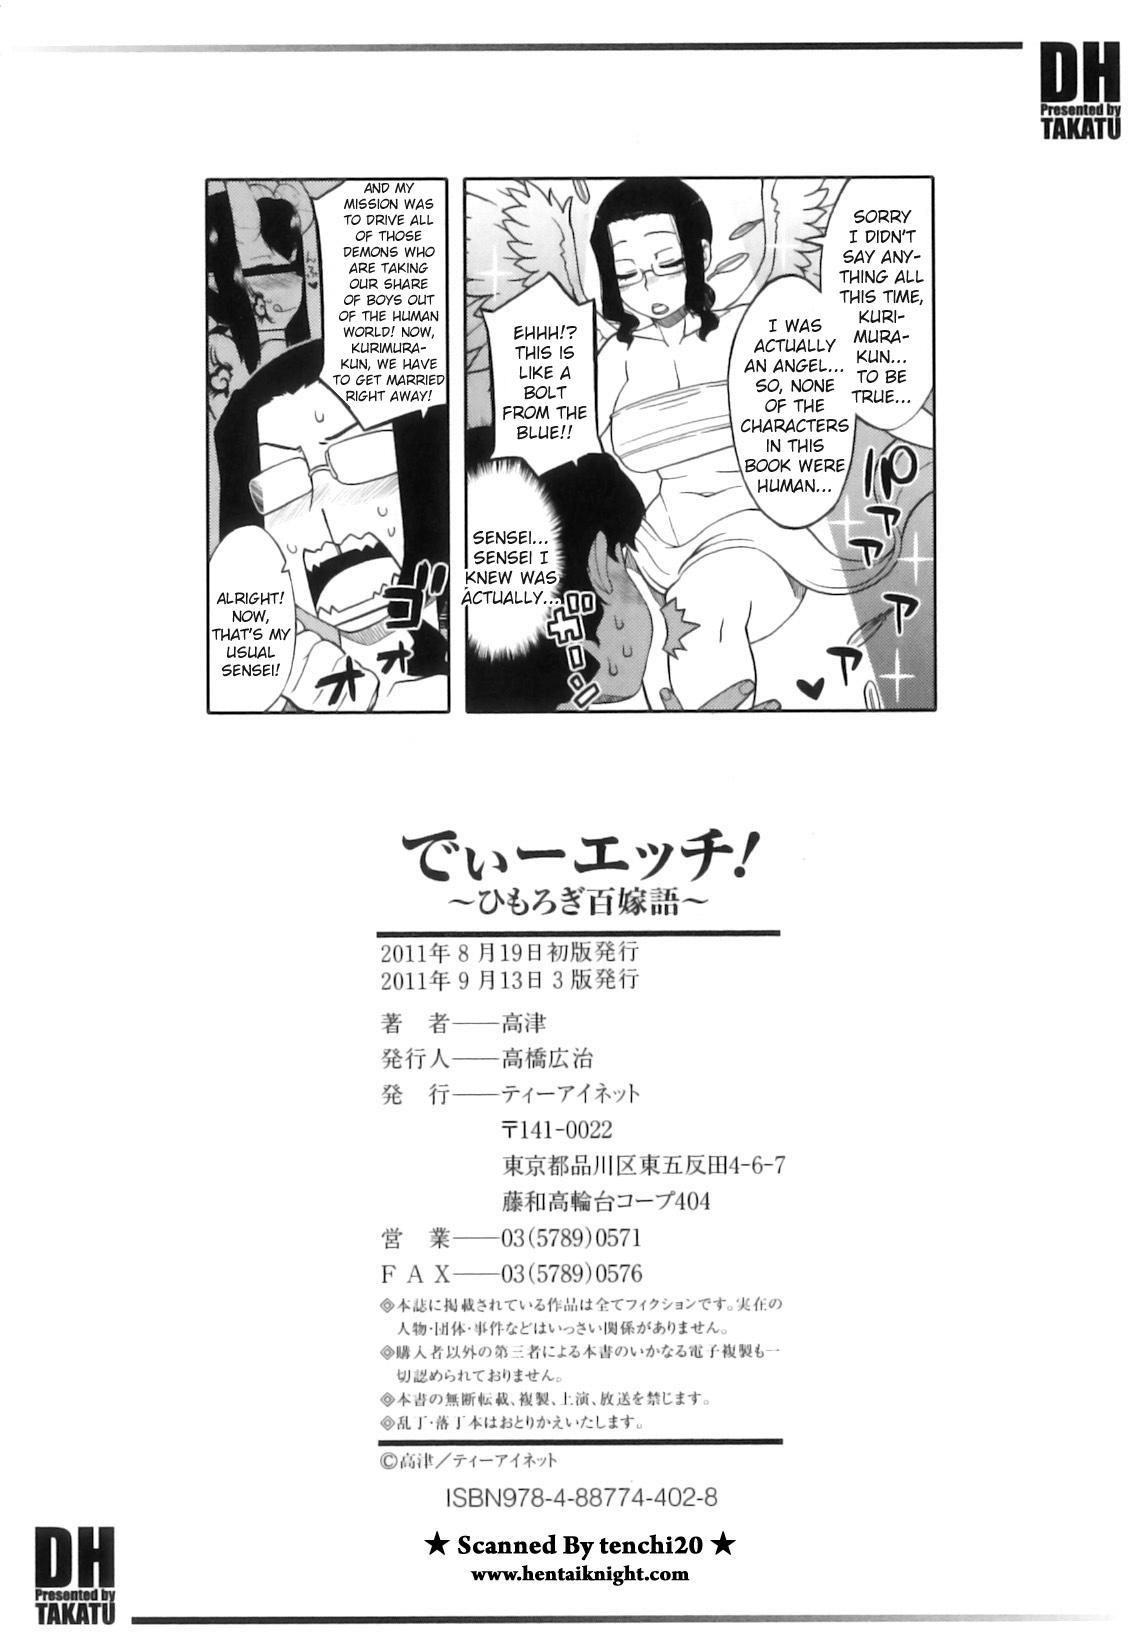 [Takatsu] DH! ~Himorogi Hyaku Yome Gatari~ | Demon-Hentai! - Shrine of One Hundred Wives [English] {doujin-moe.us} 216